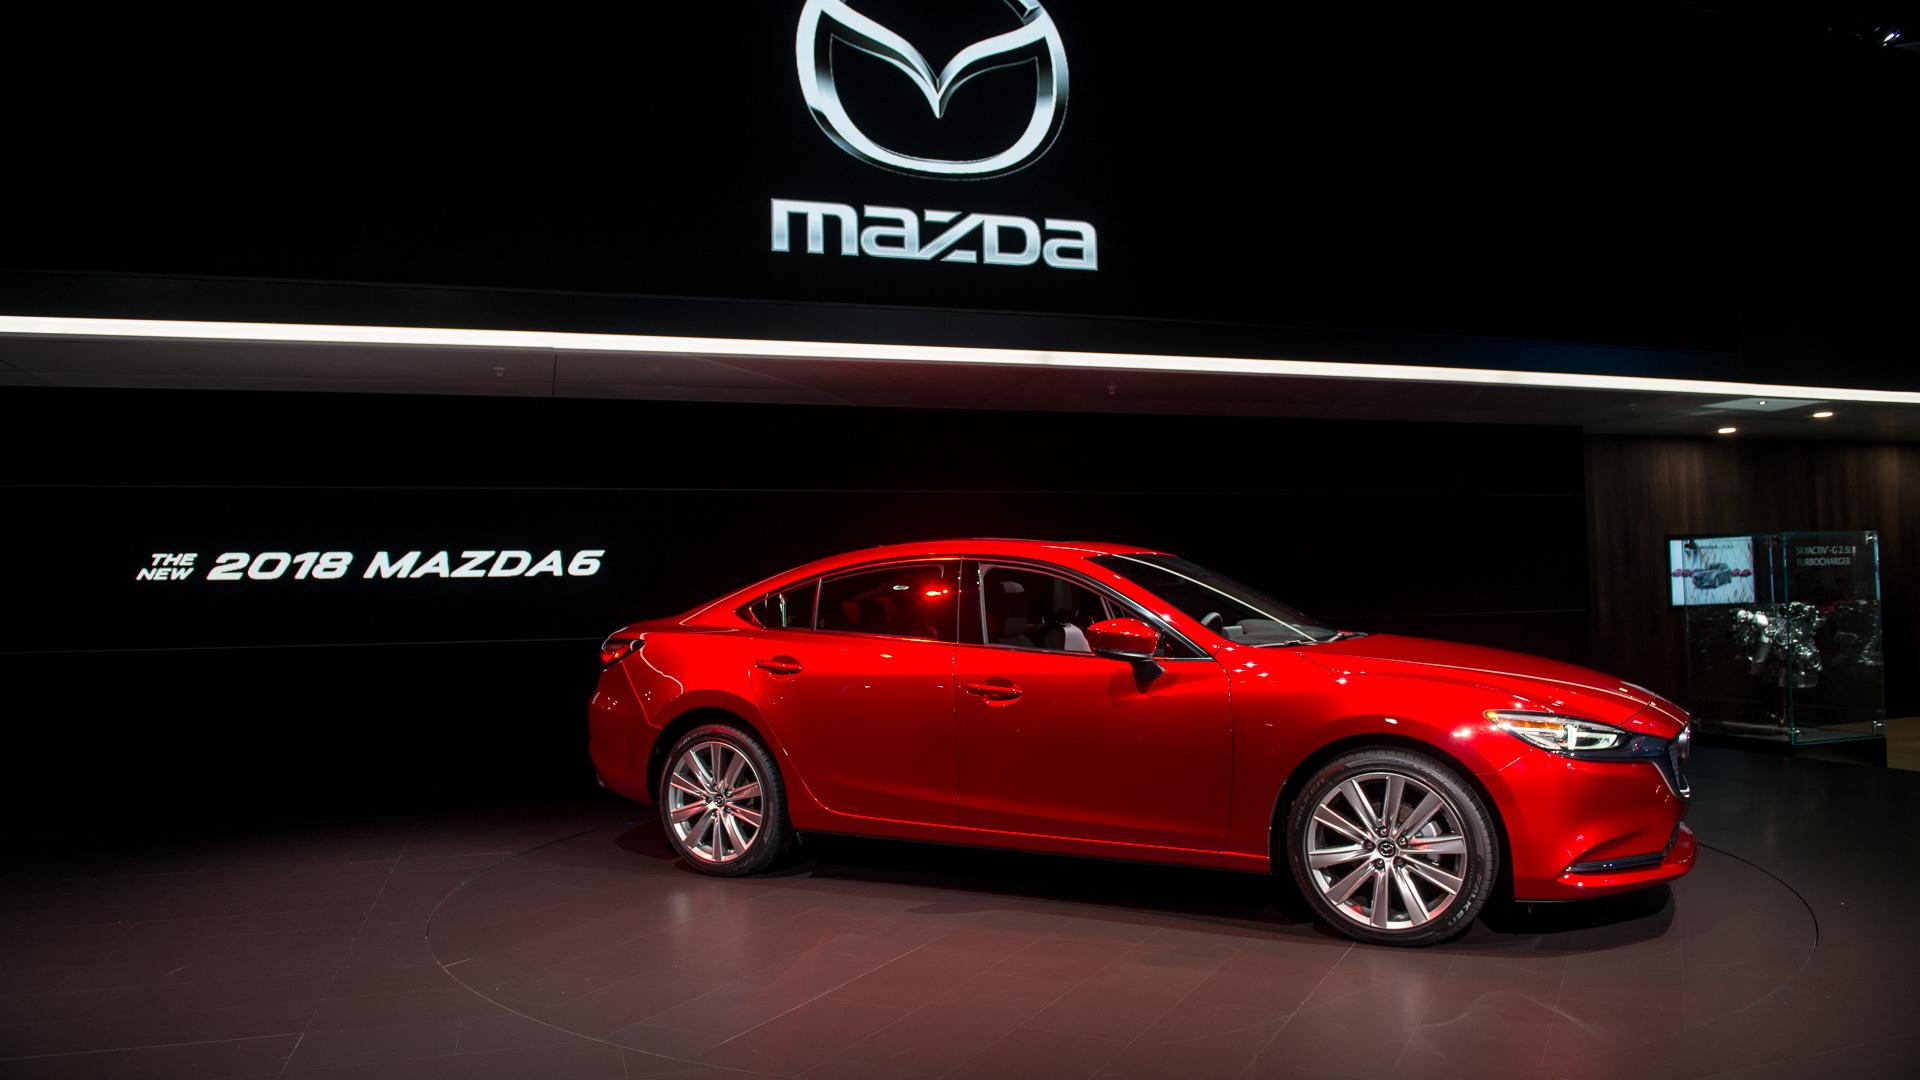 2018 Mazda MAZDA6, 2017 Los Angeles Auto Show